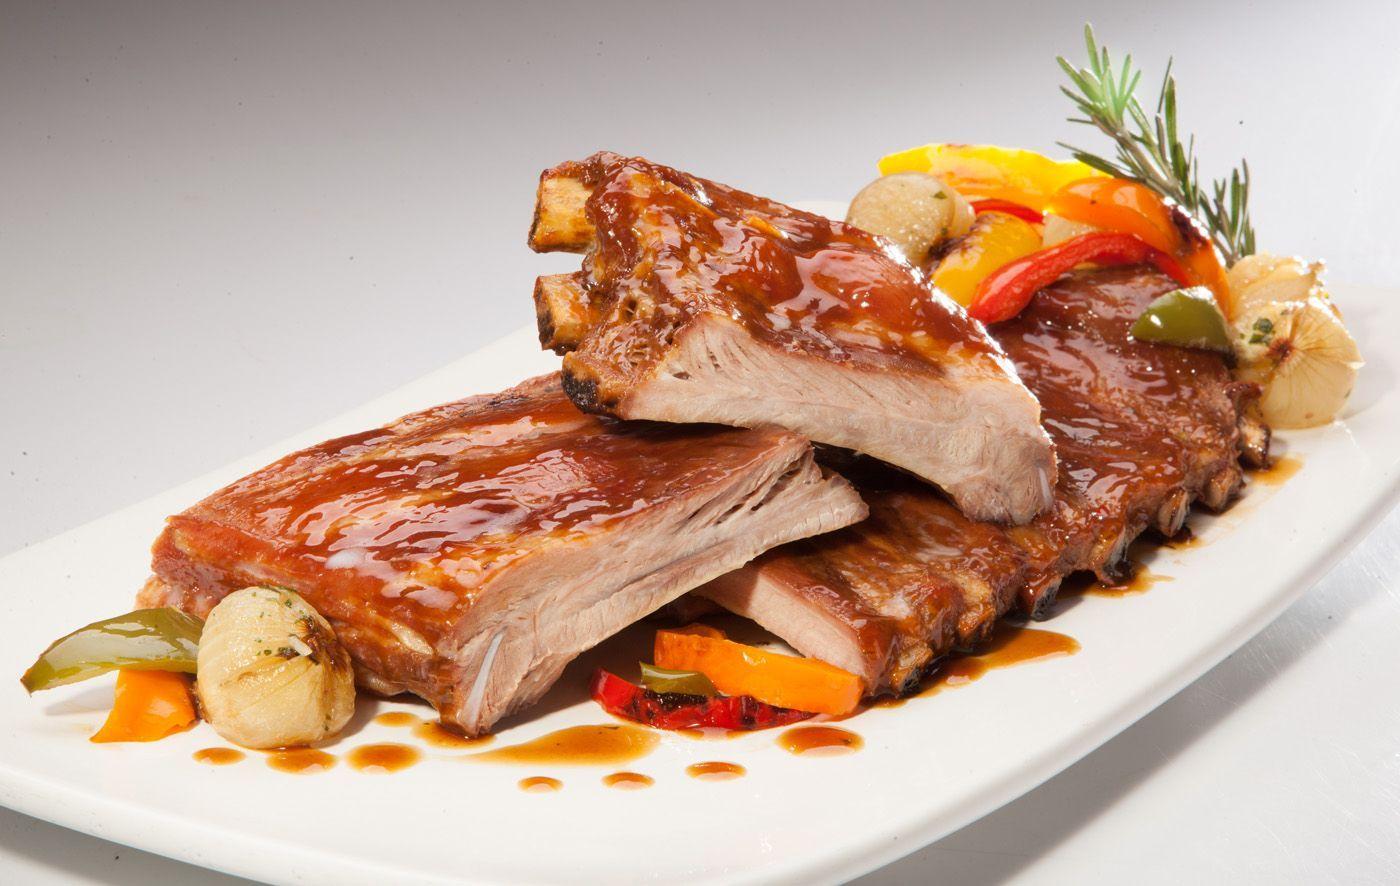 costillas de cerdo al horno con verduras, receta saludable, receta carne, recetas, menu saludable, alimentación, nutrición, deporte, salud, alimentación saludable, perder peso, perdida de peso, nutrición deportiva